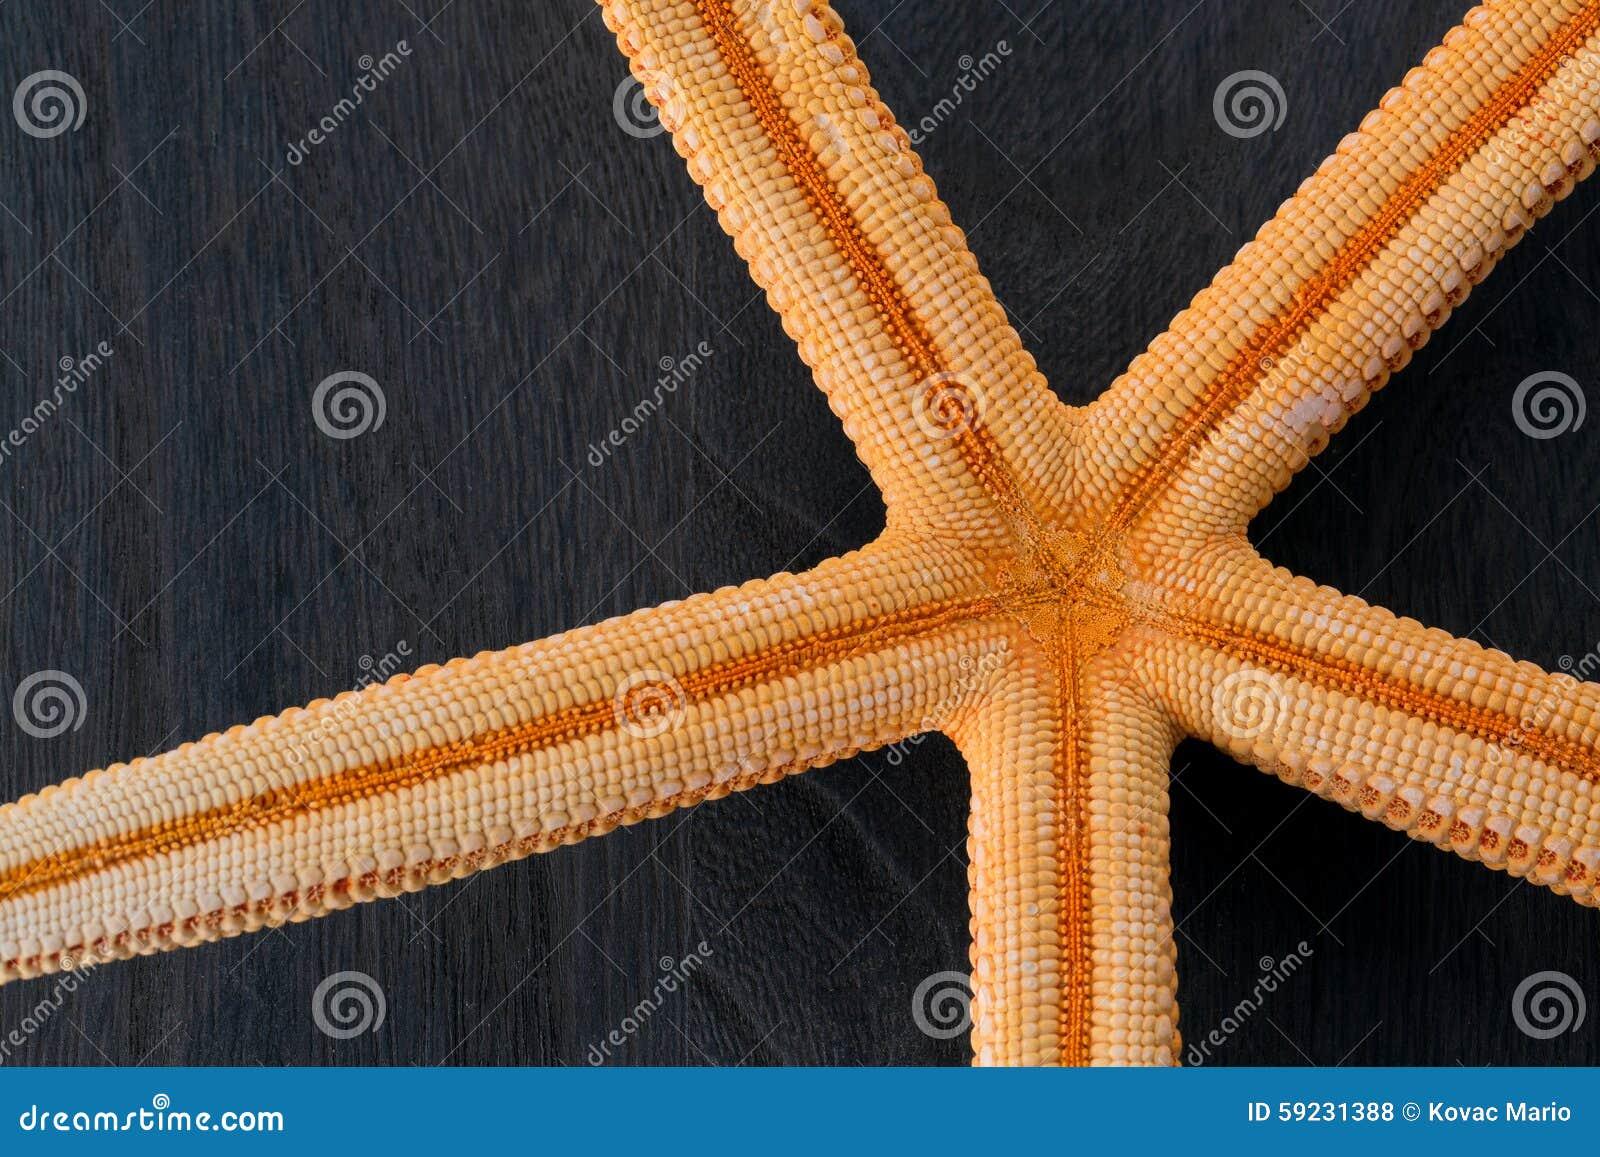 Download Primer de estrellas de mar foto de archivo. Imagen de seashells - 59231388